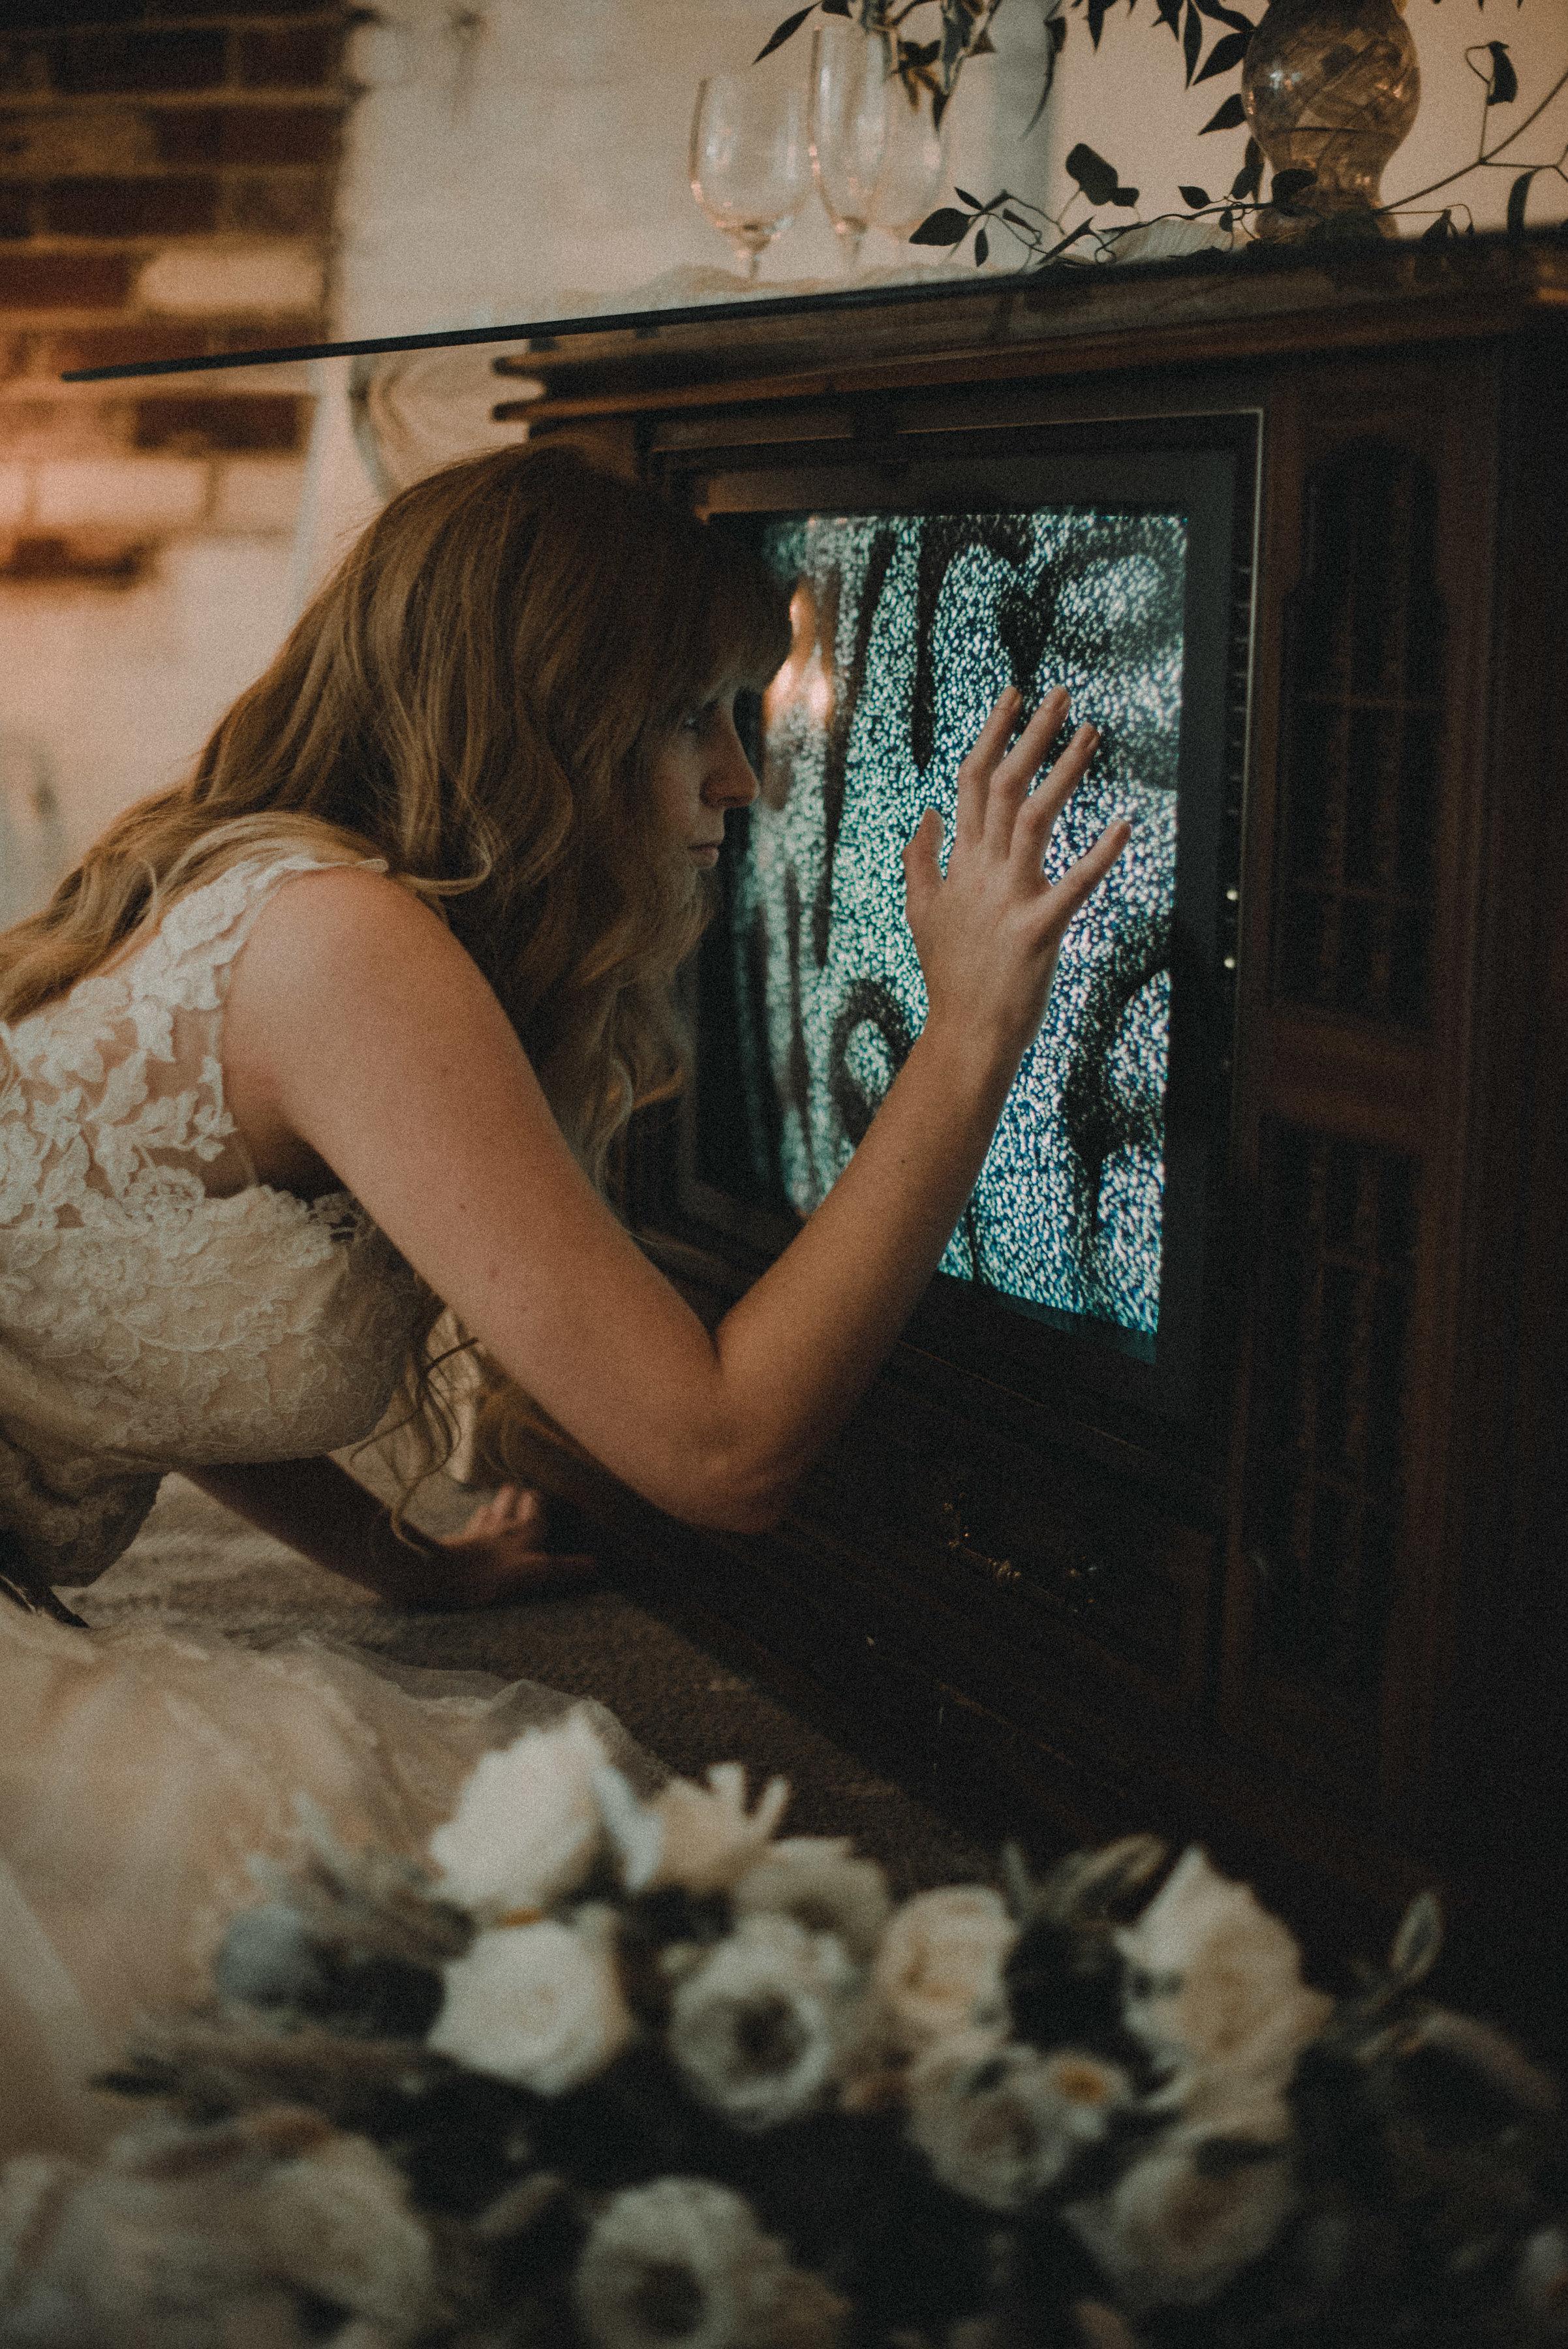 Bride looking into tv screen